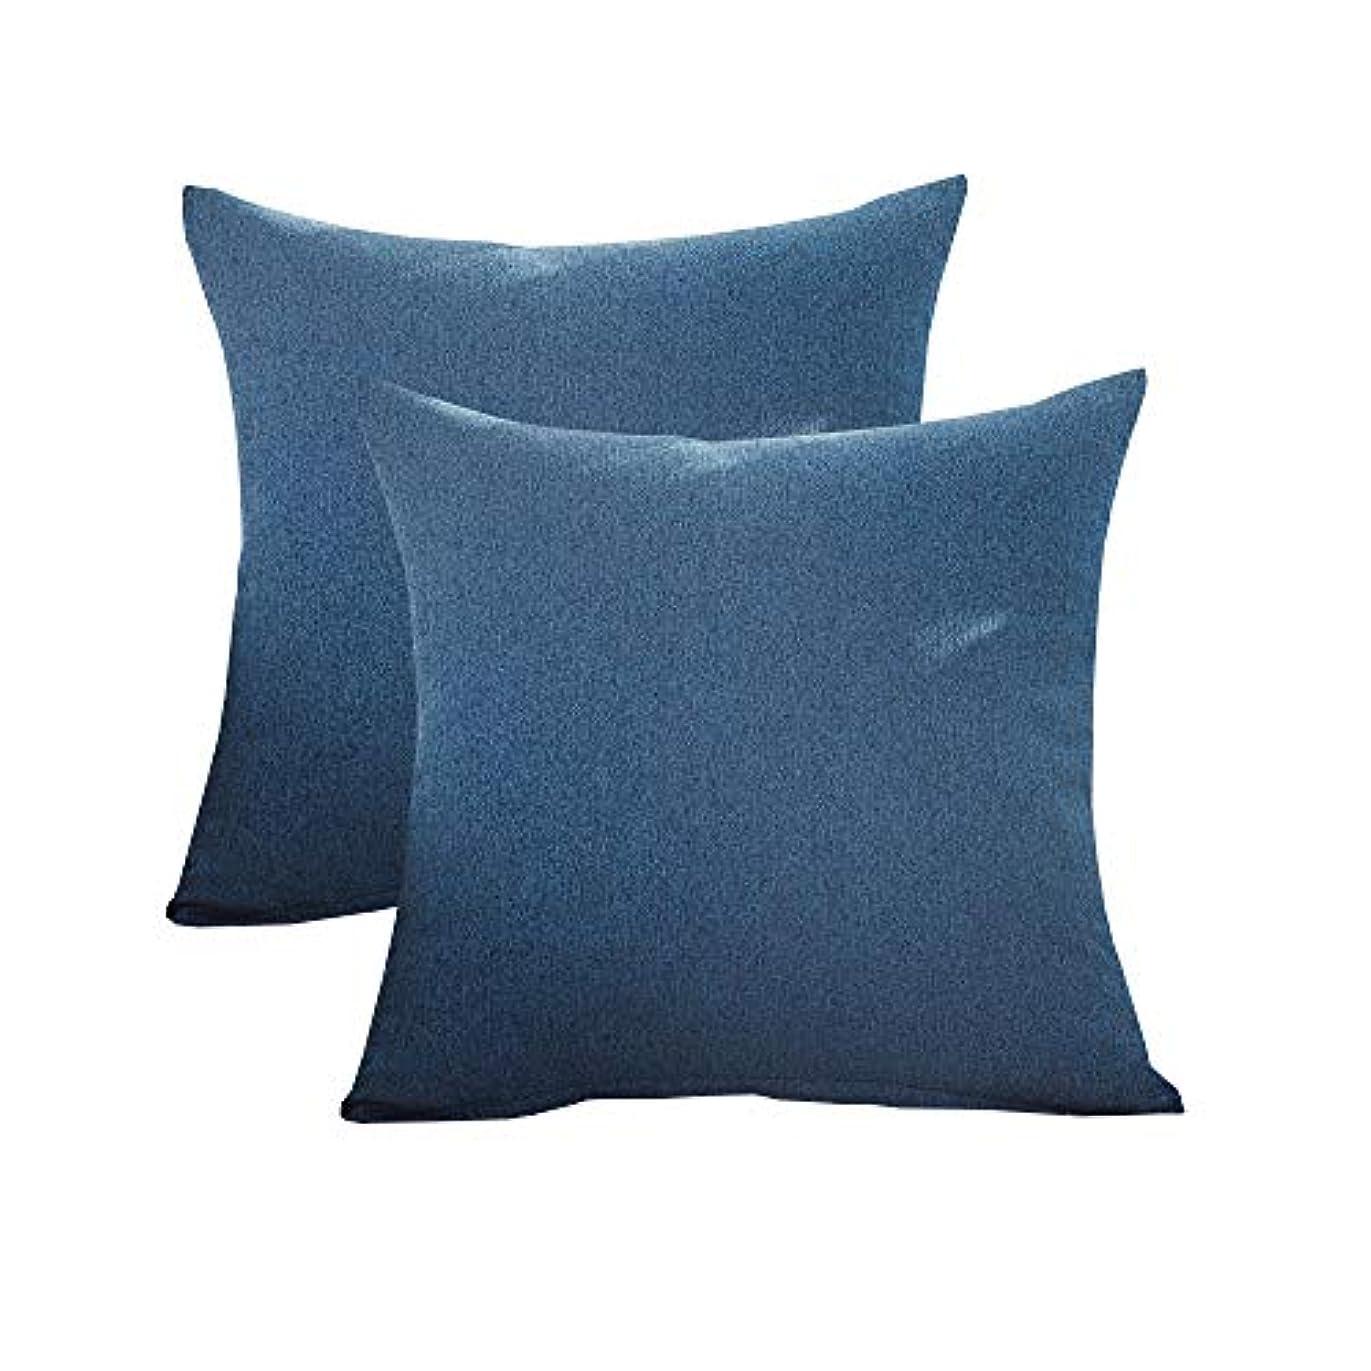 じゃない文庫本自分の力ですべてをするソリッドカラー枕、北欧スタイルリネン枕、固体ベルベット枕カバー、超高級ソフト枕カバー、複数の色、2つの小品,Indigo